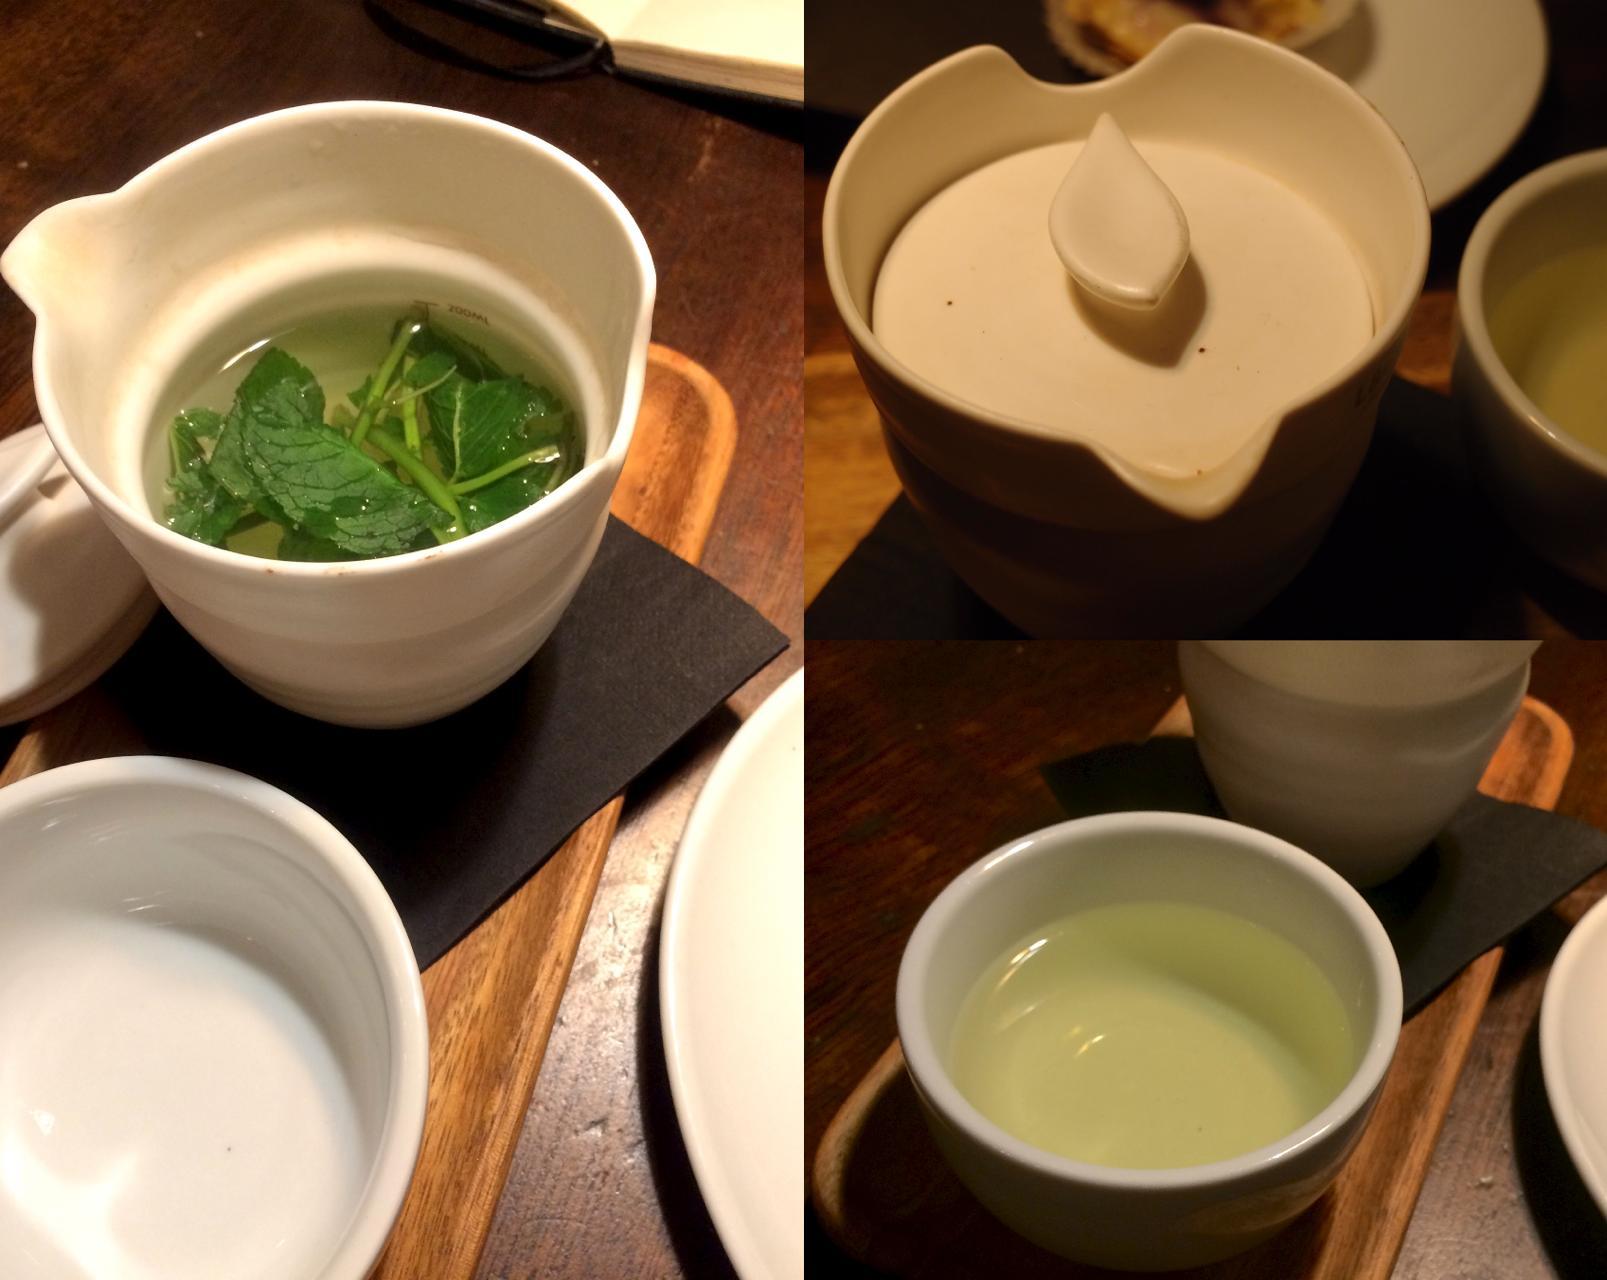 右上の写真は、Hideさんの手になるもの。茶器ひとつ撮っても、雰囲気が違います。